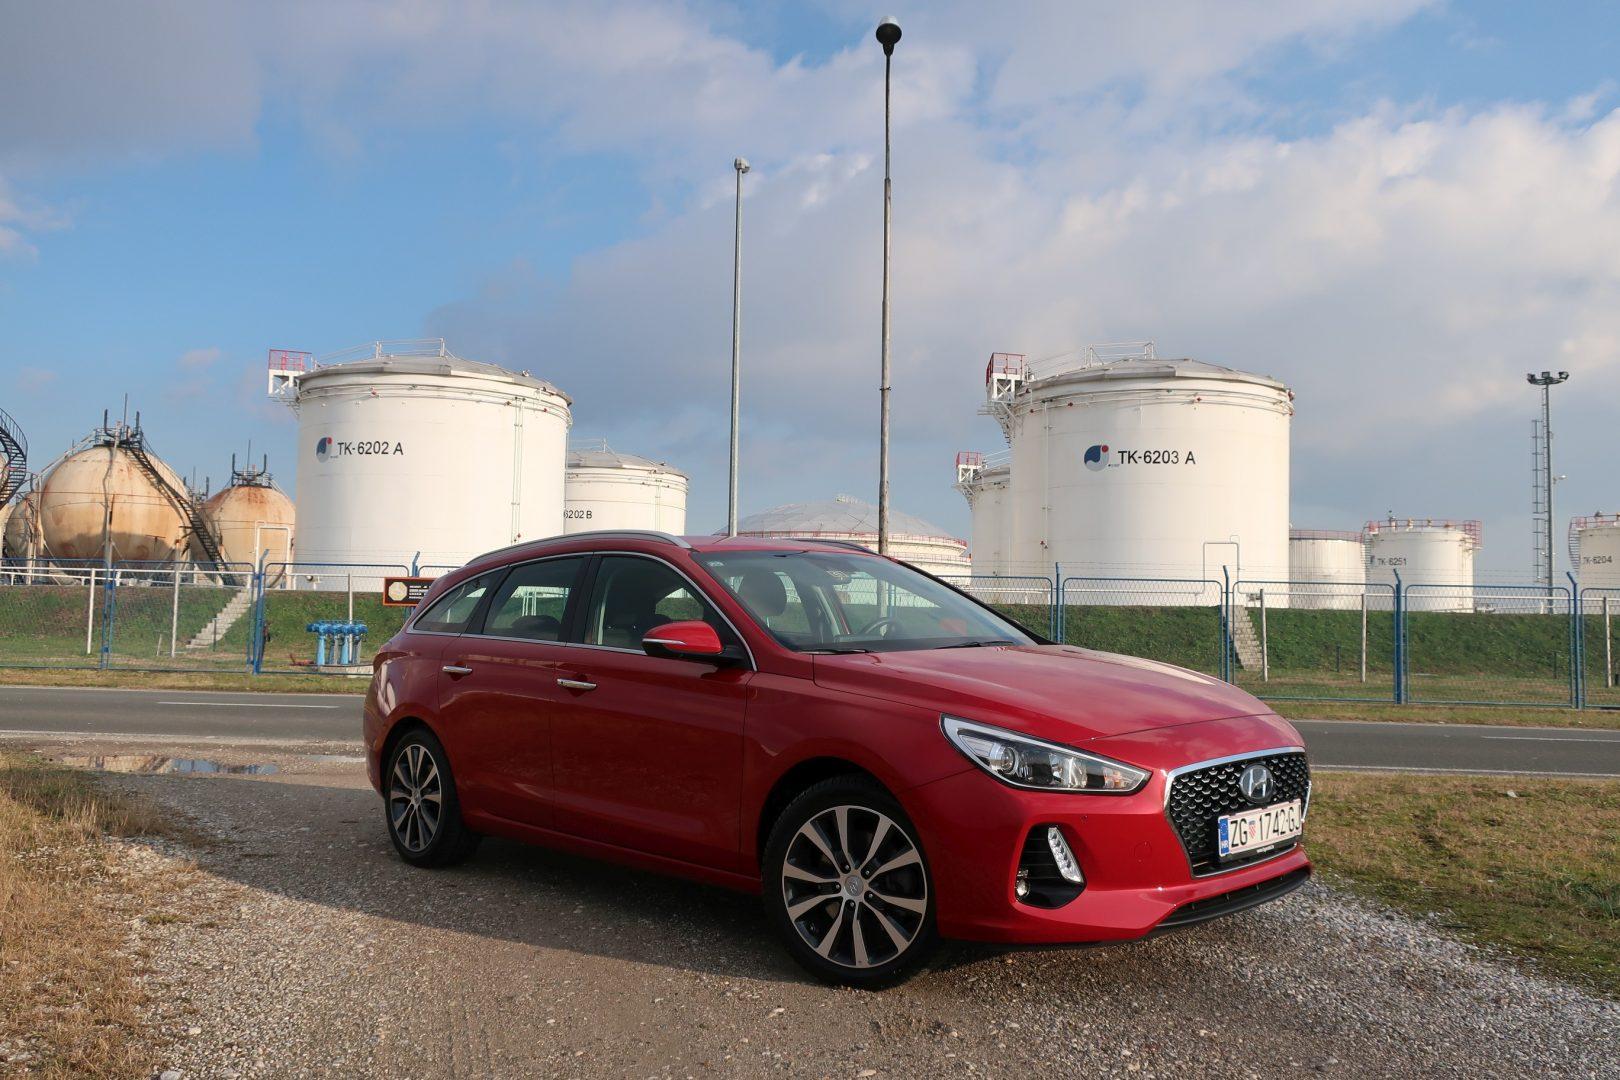 TEST Hyundai i30 CW 1.6 CRDi 136 7DCT Premium Plus